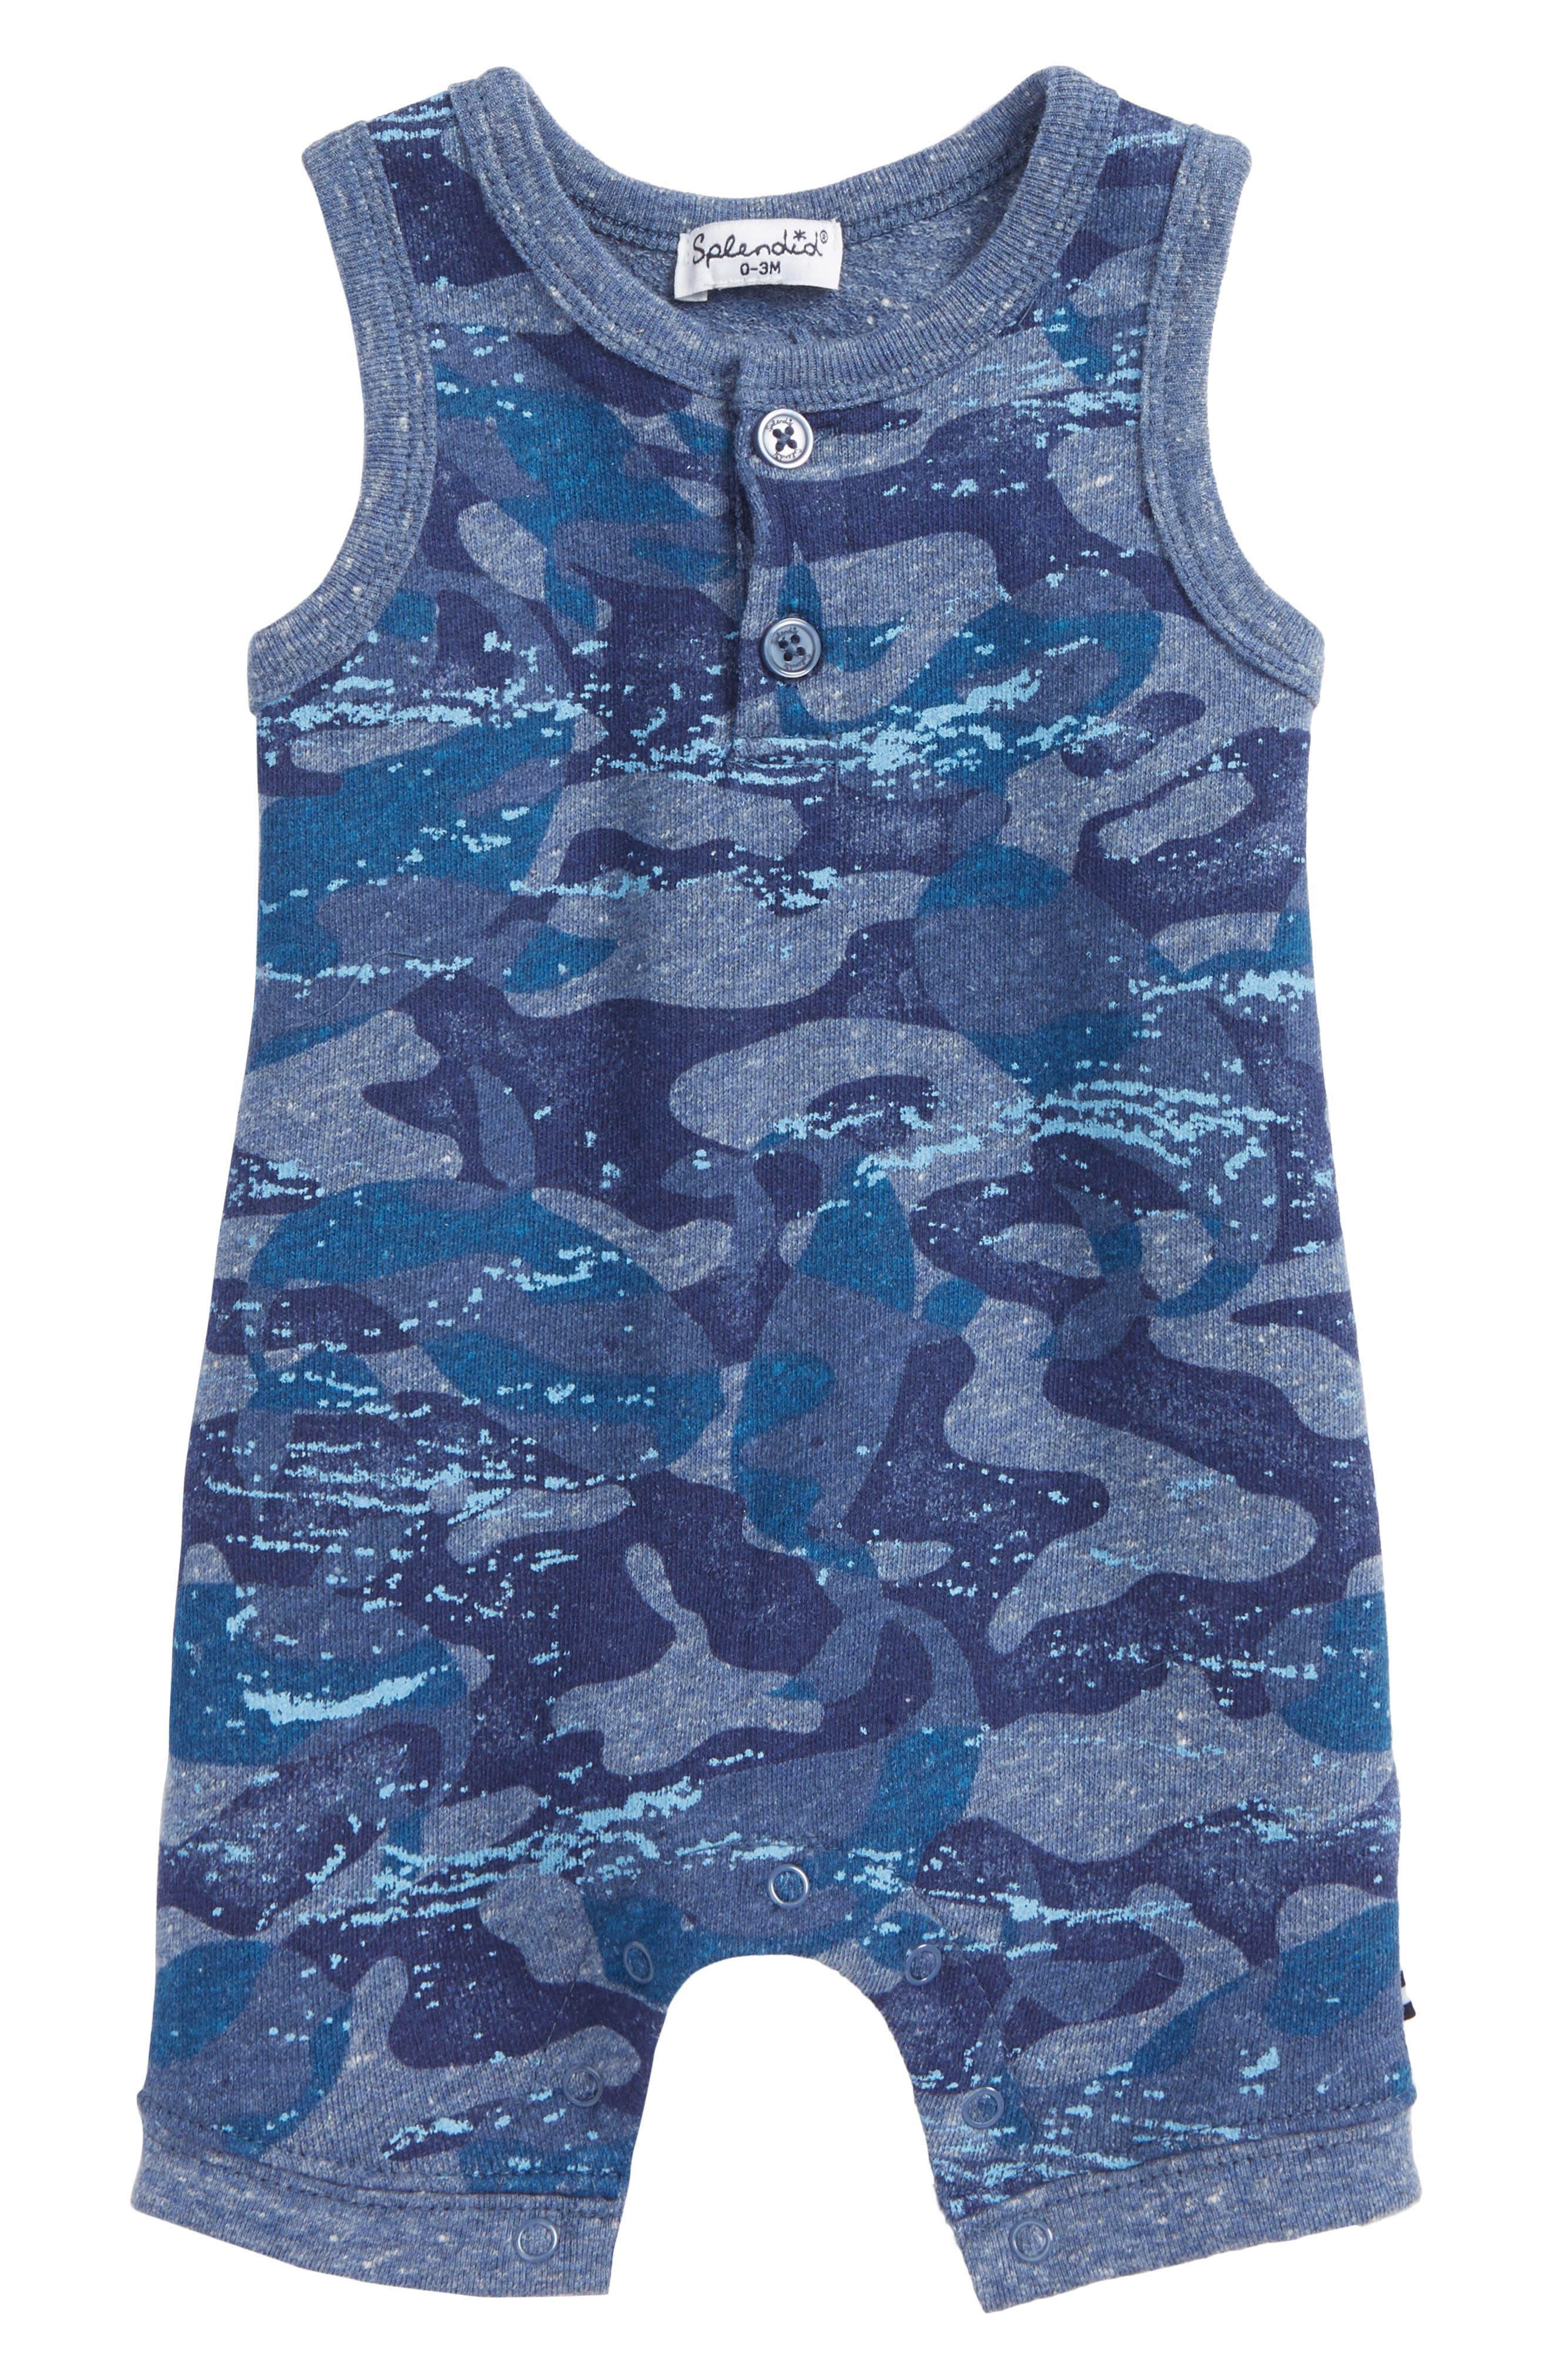 Whale Camo Romper,                         Main,                         color, 420